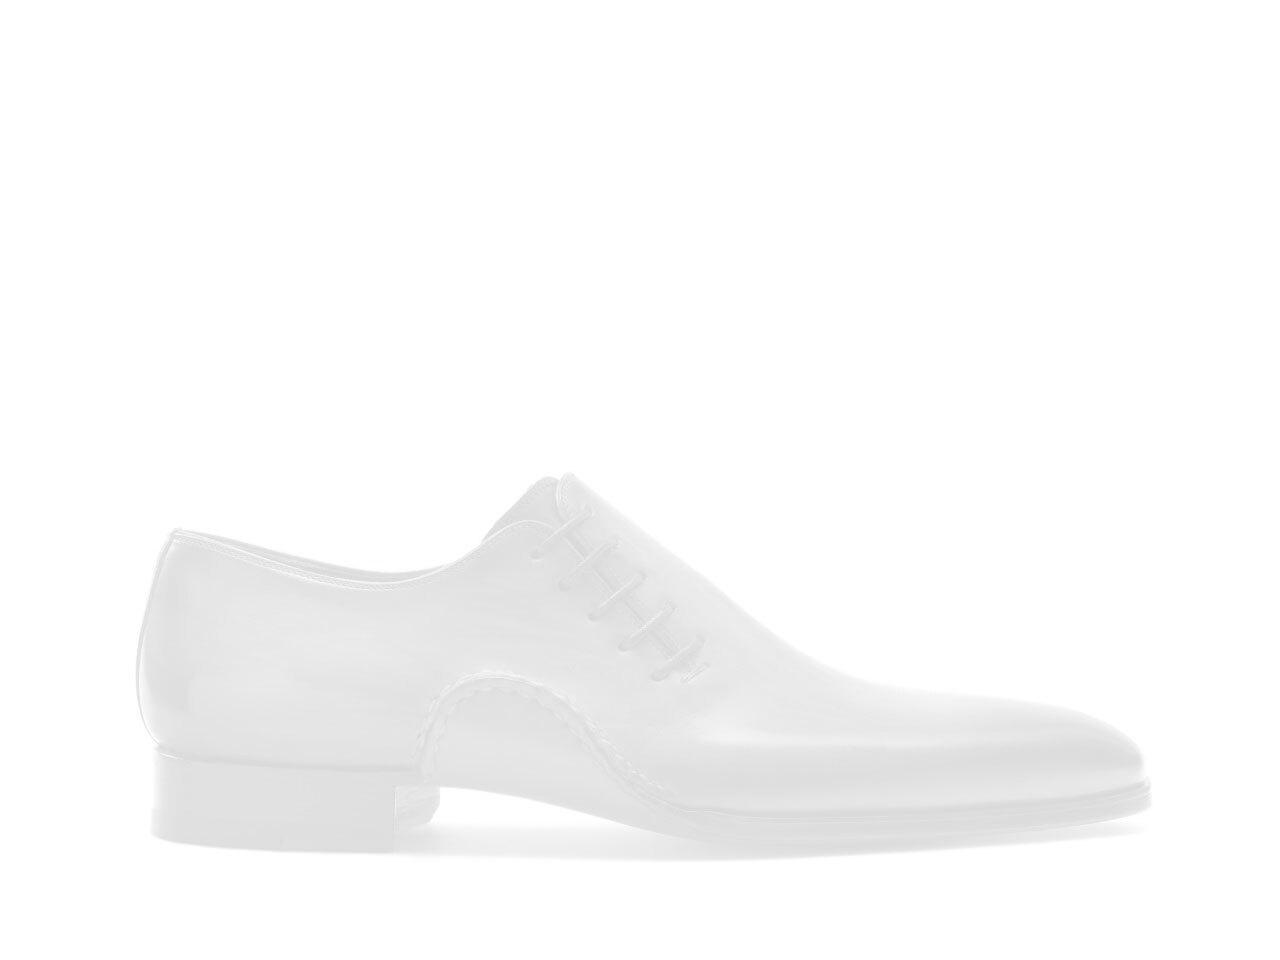 Sole of the Magnanni Jeffery Cognac Men's Double Monk Strap Shoes